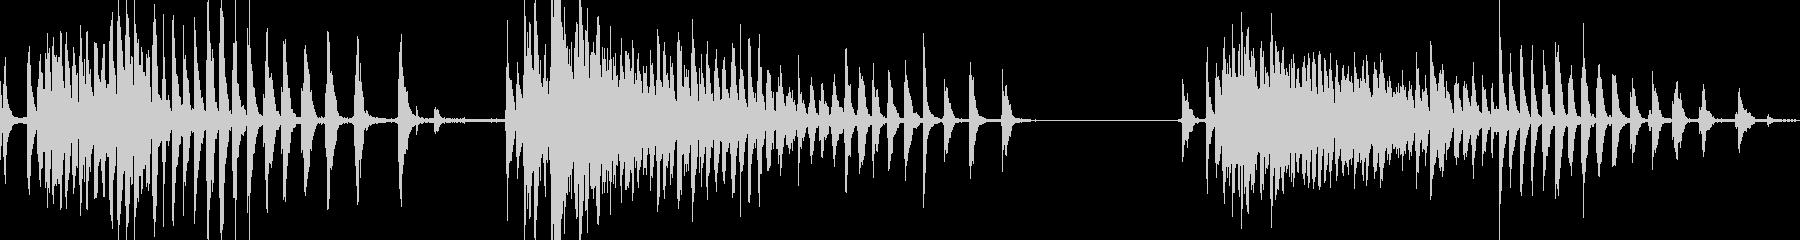 ローラーとクランクチェーン付きプー...の未再生の波形